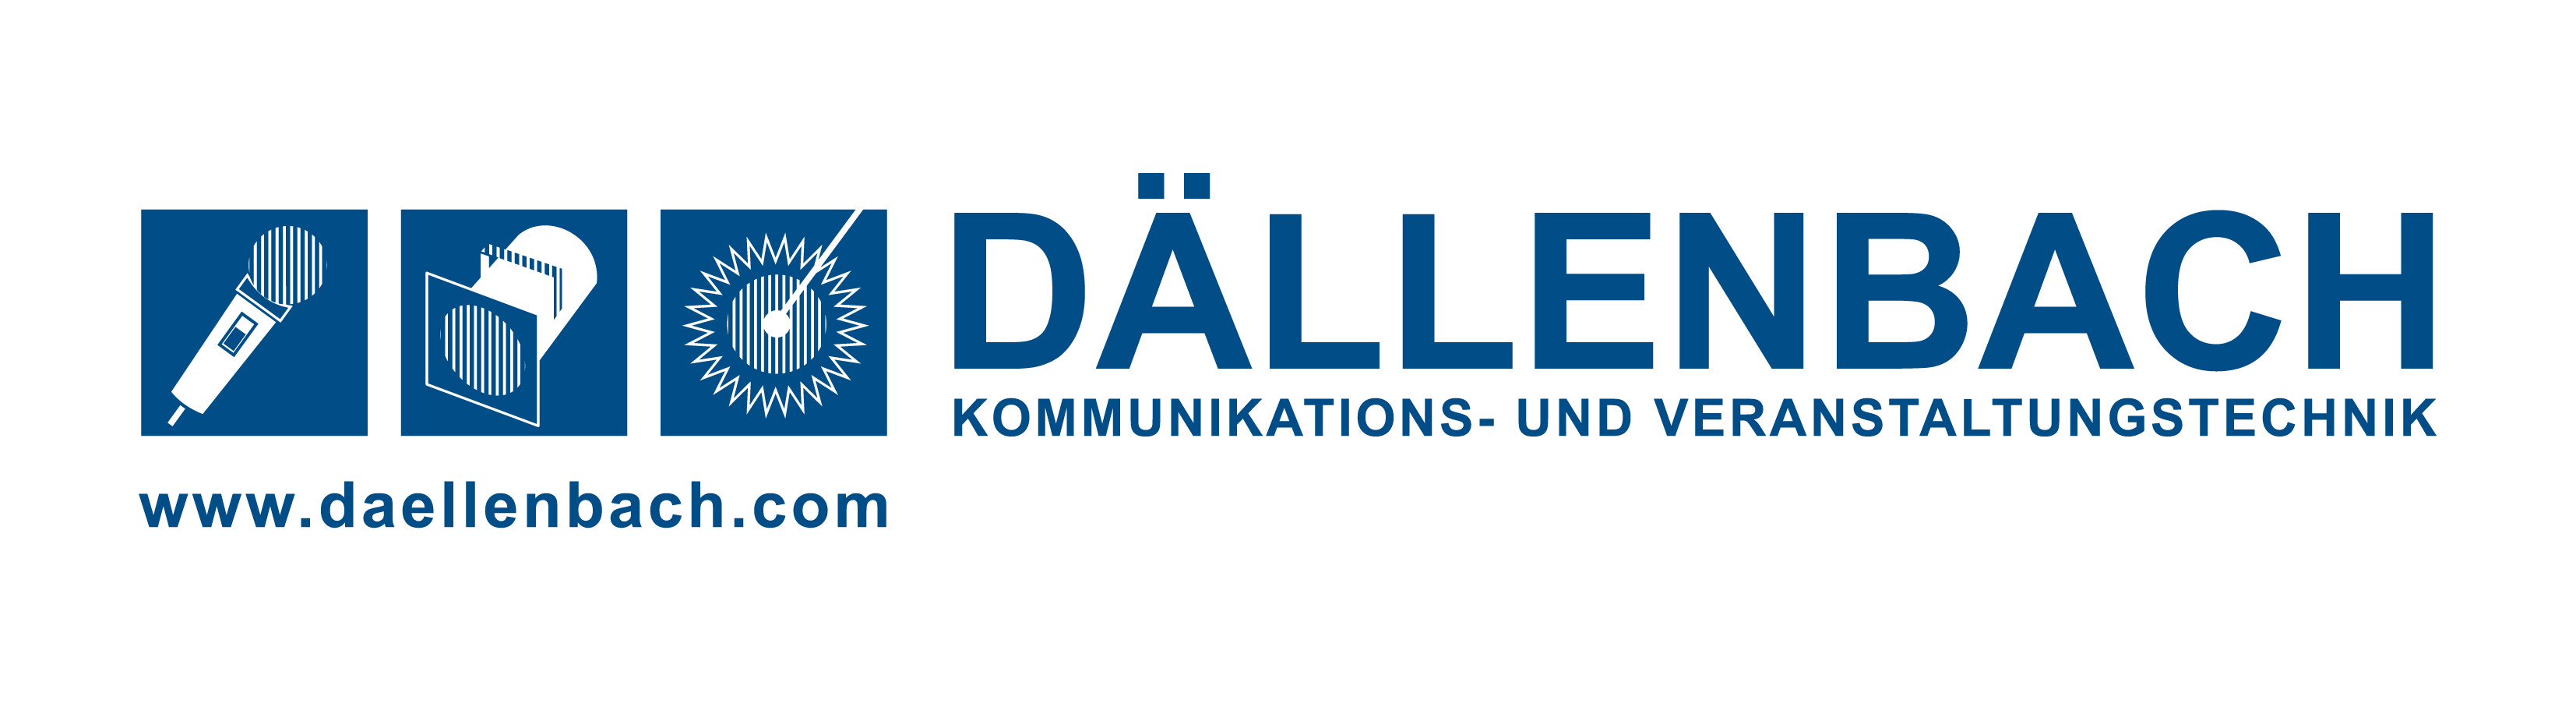 dällenbach_logo_RZ_pfade